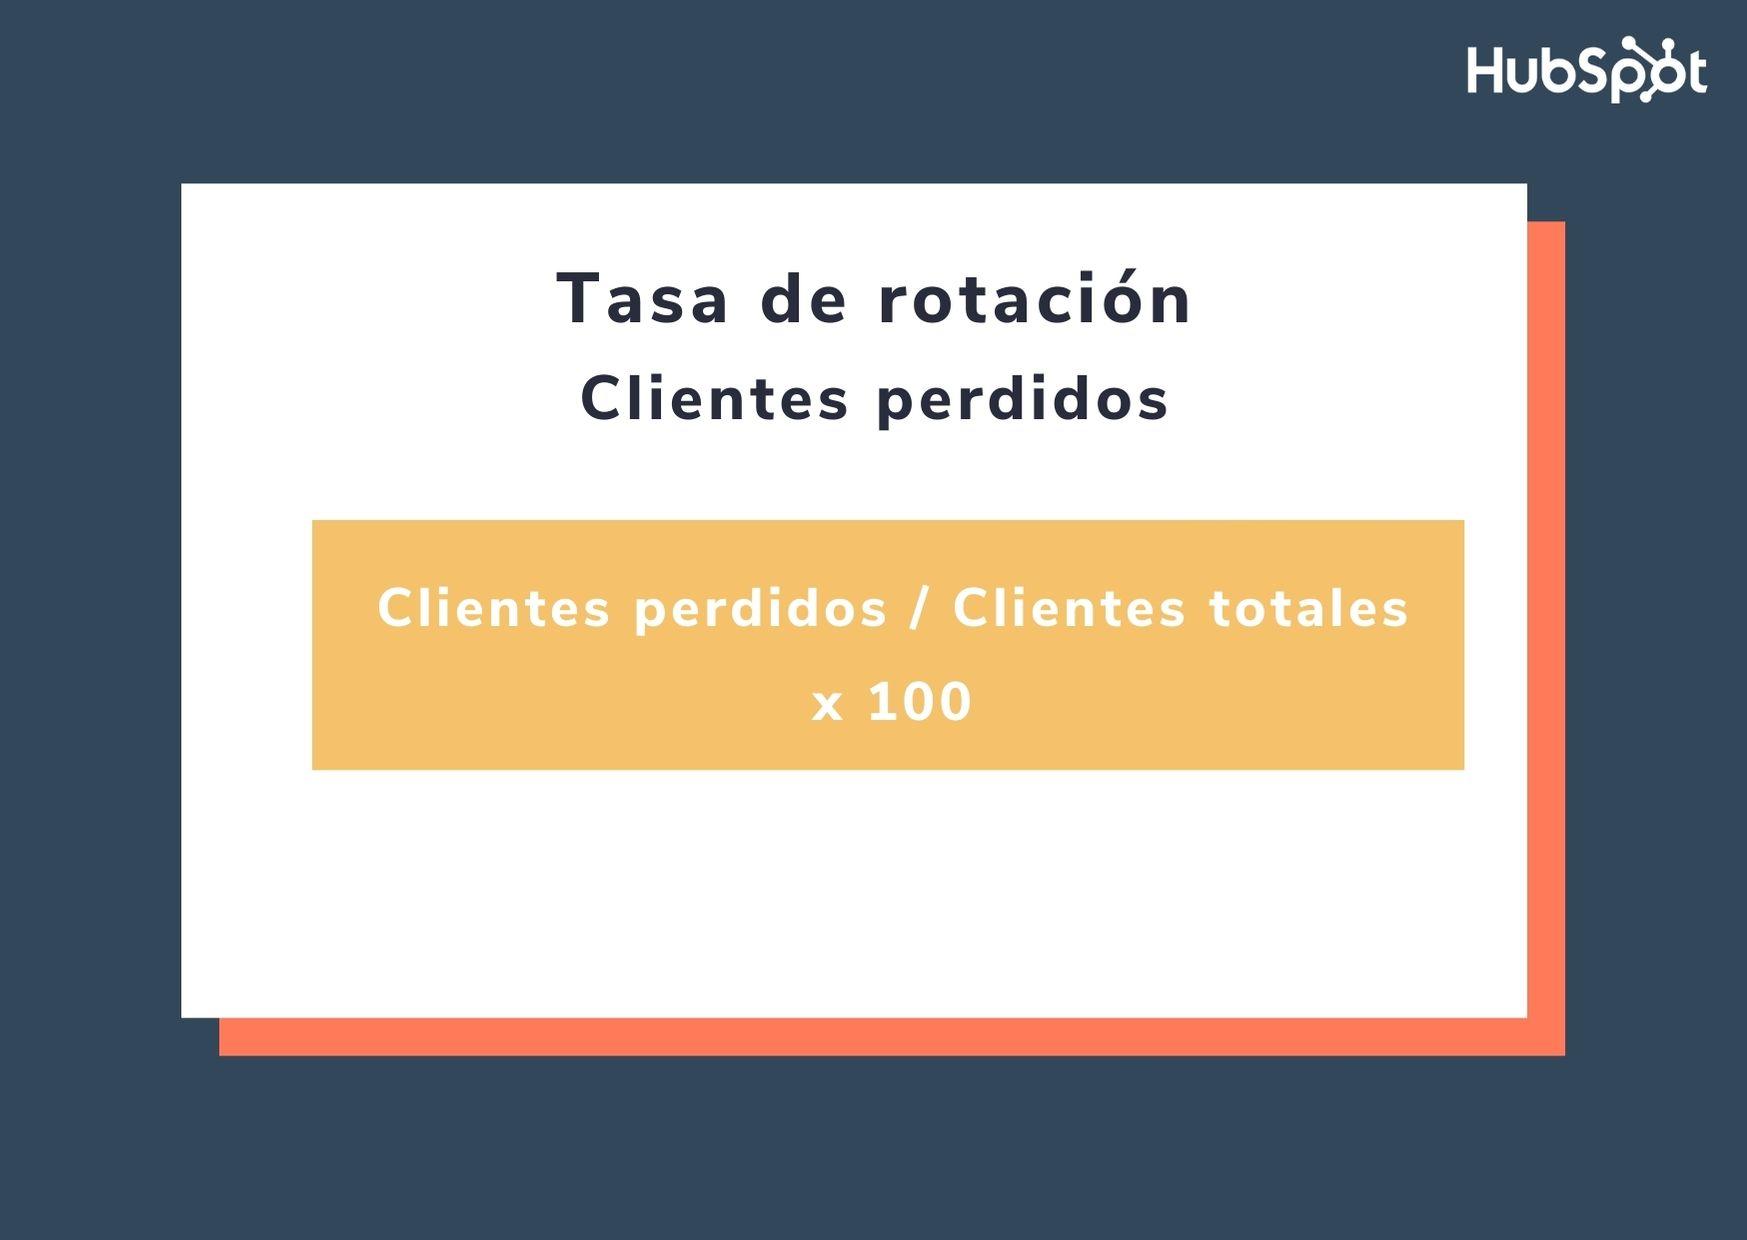 Fórmula para calcular la tasa de rotación de clientes